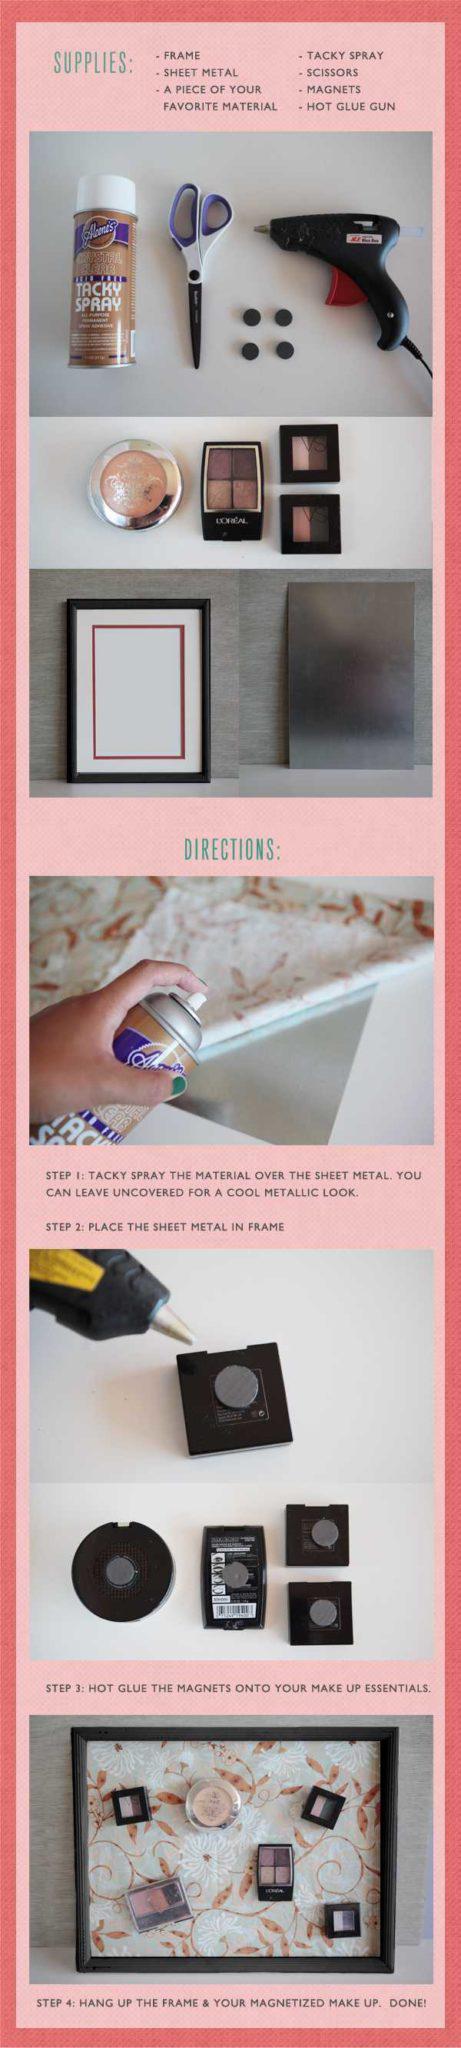 image12-53 | Как хранить вещи дома при помощи магнитов